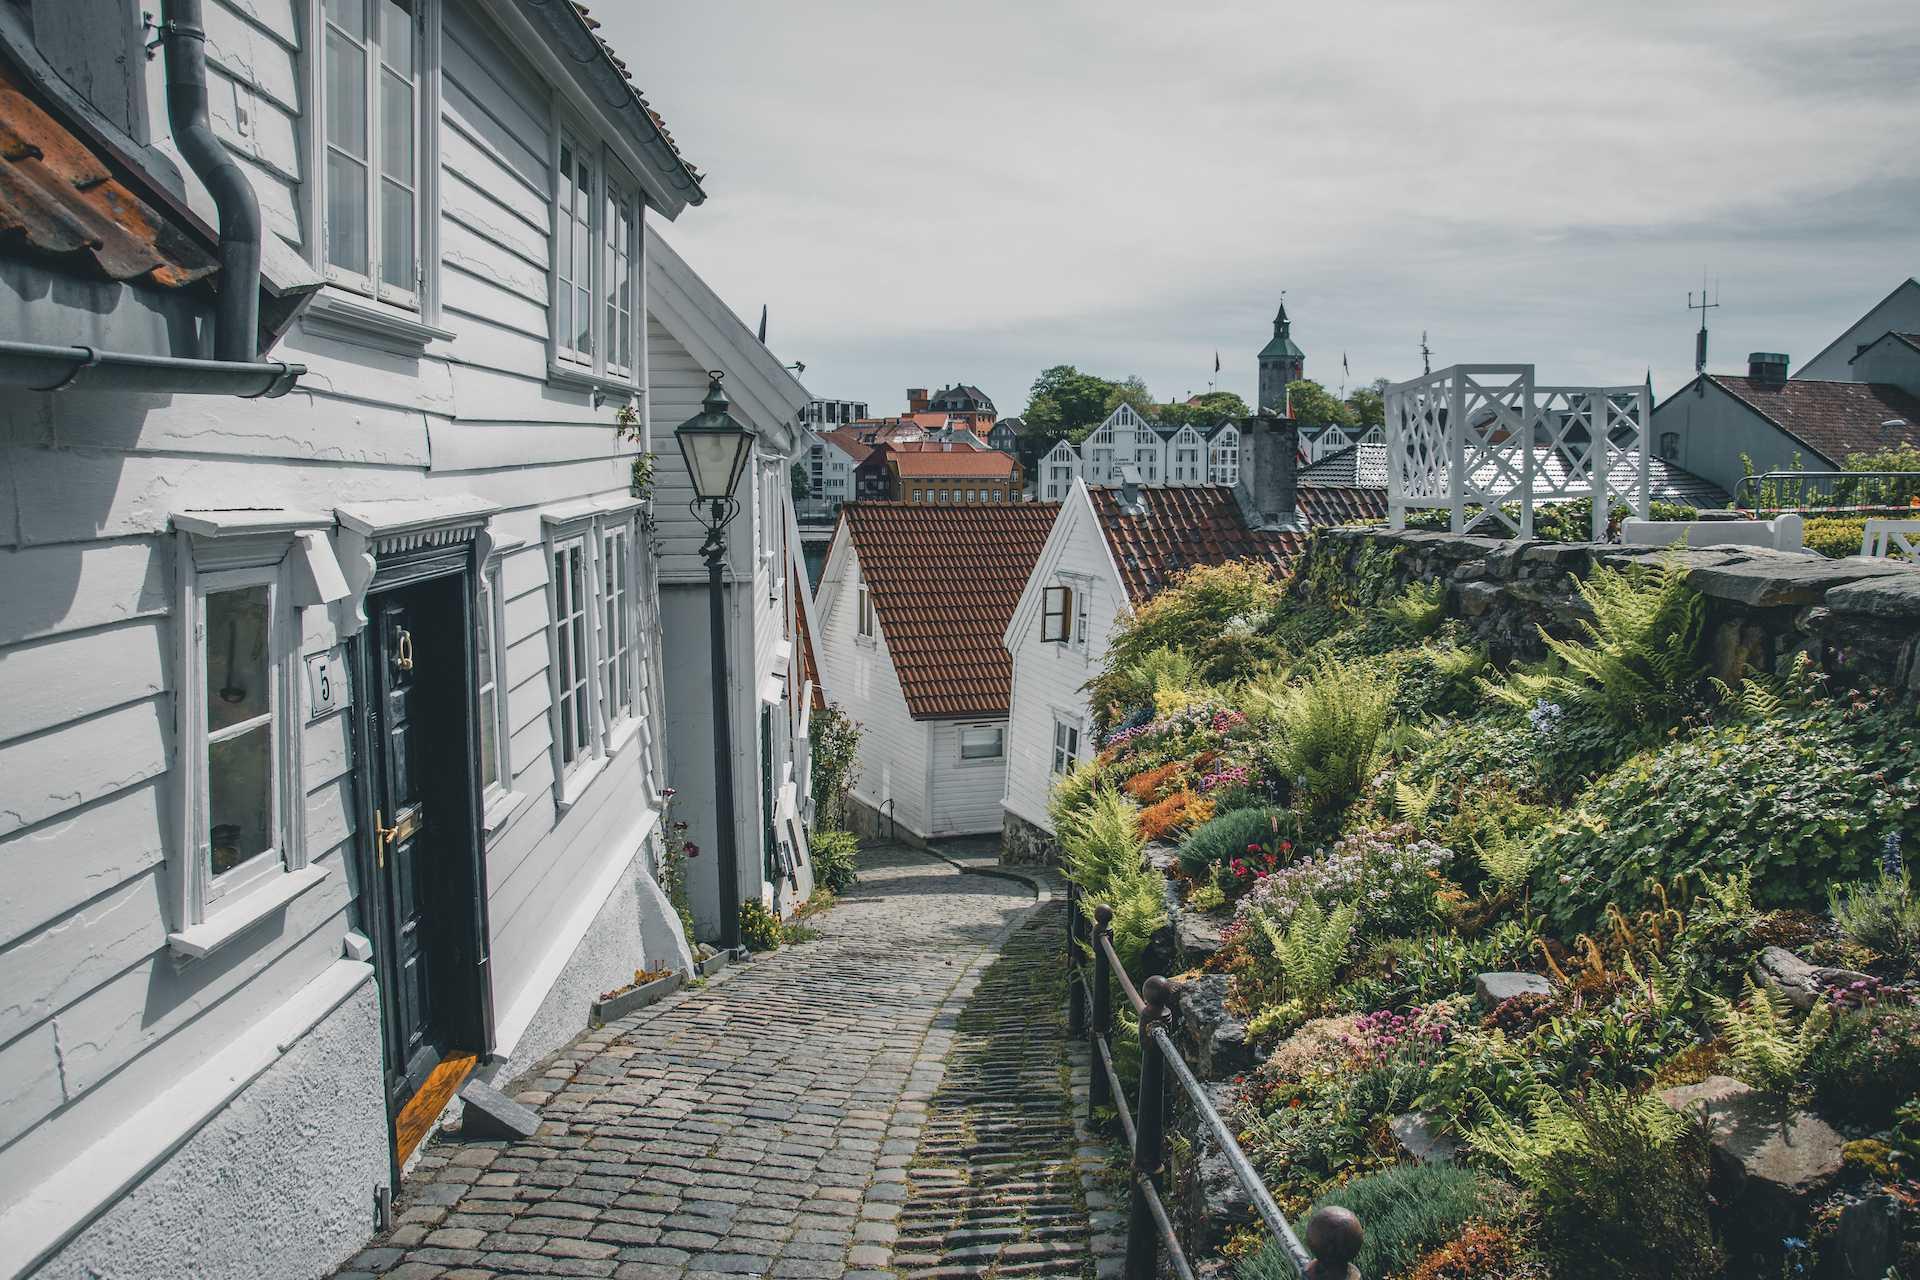 Wynajem mieszkania wNorwegii